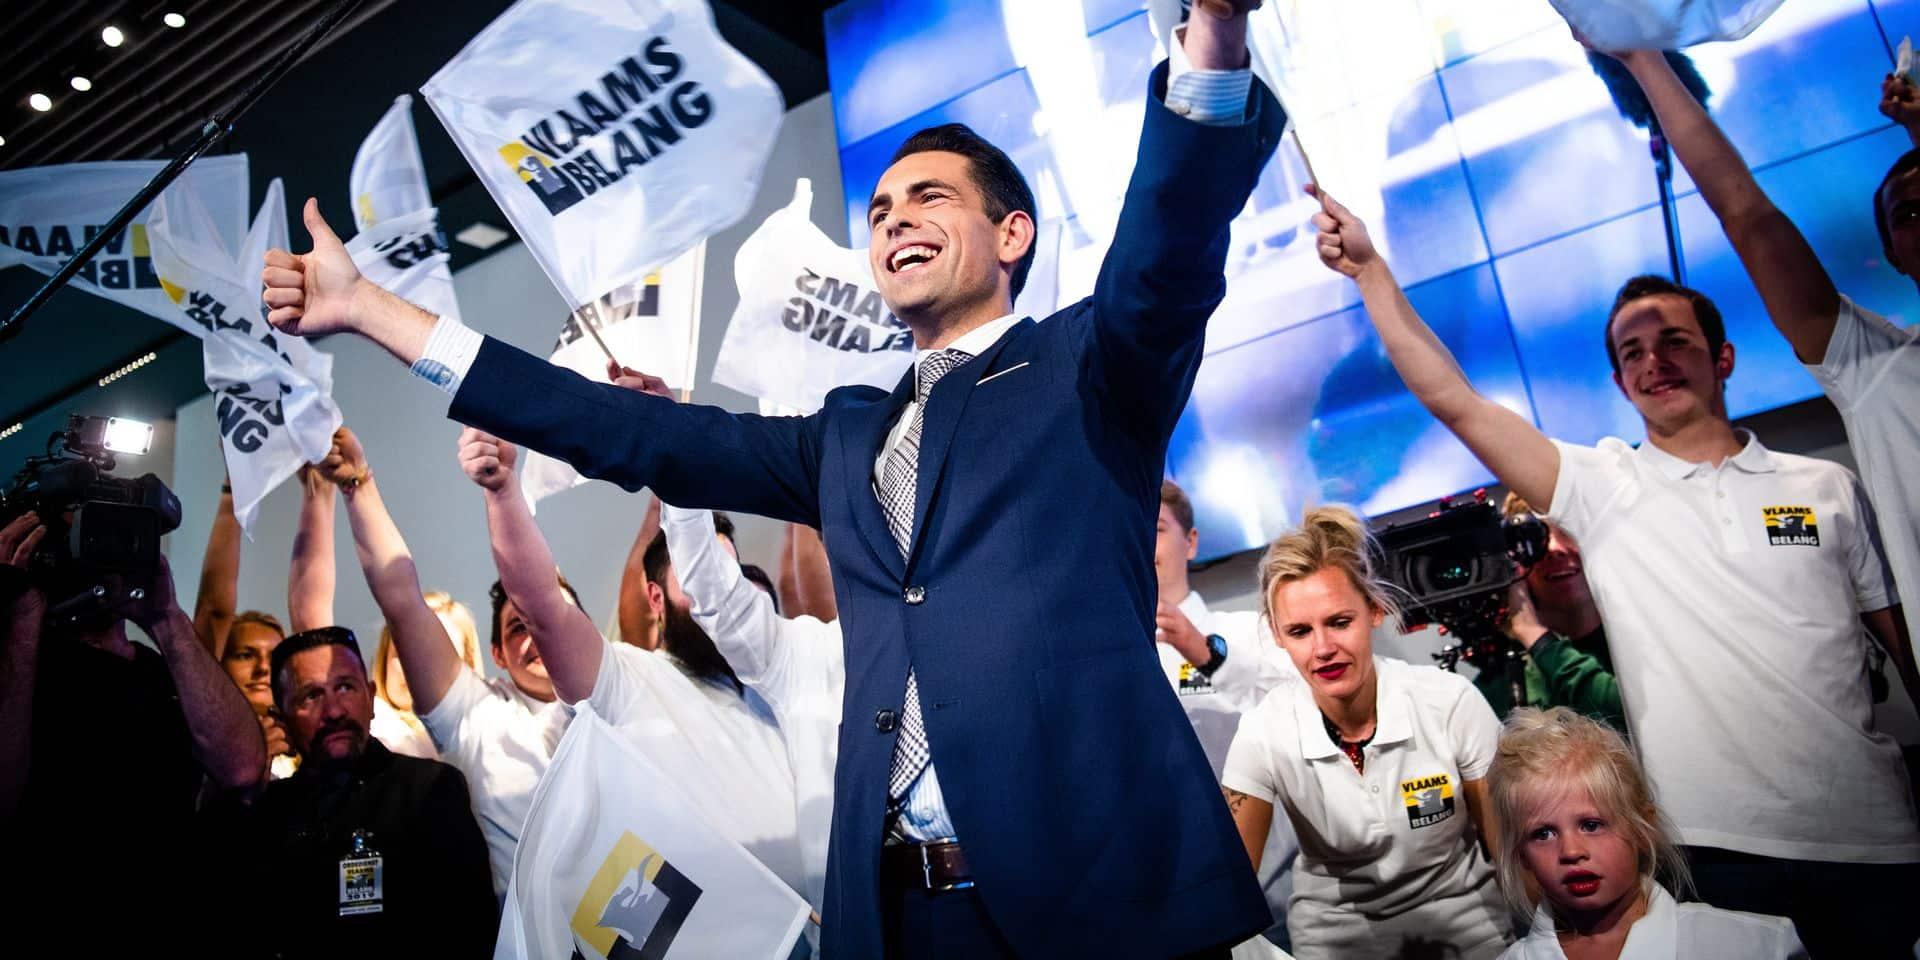 Le Vlaams Belang, le parti le plus anti-féminin que la Belgique ait connu